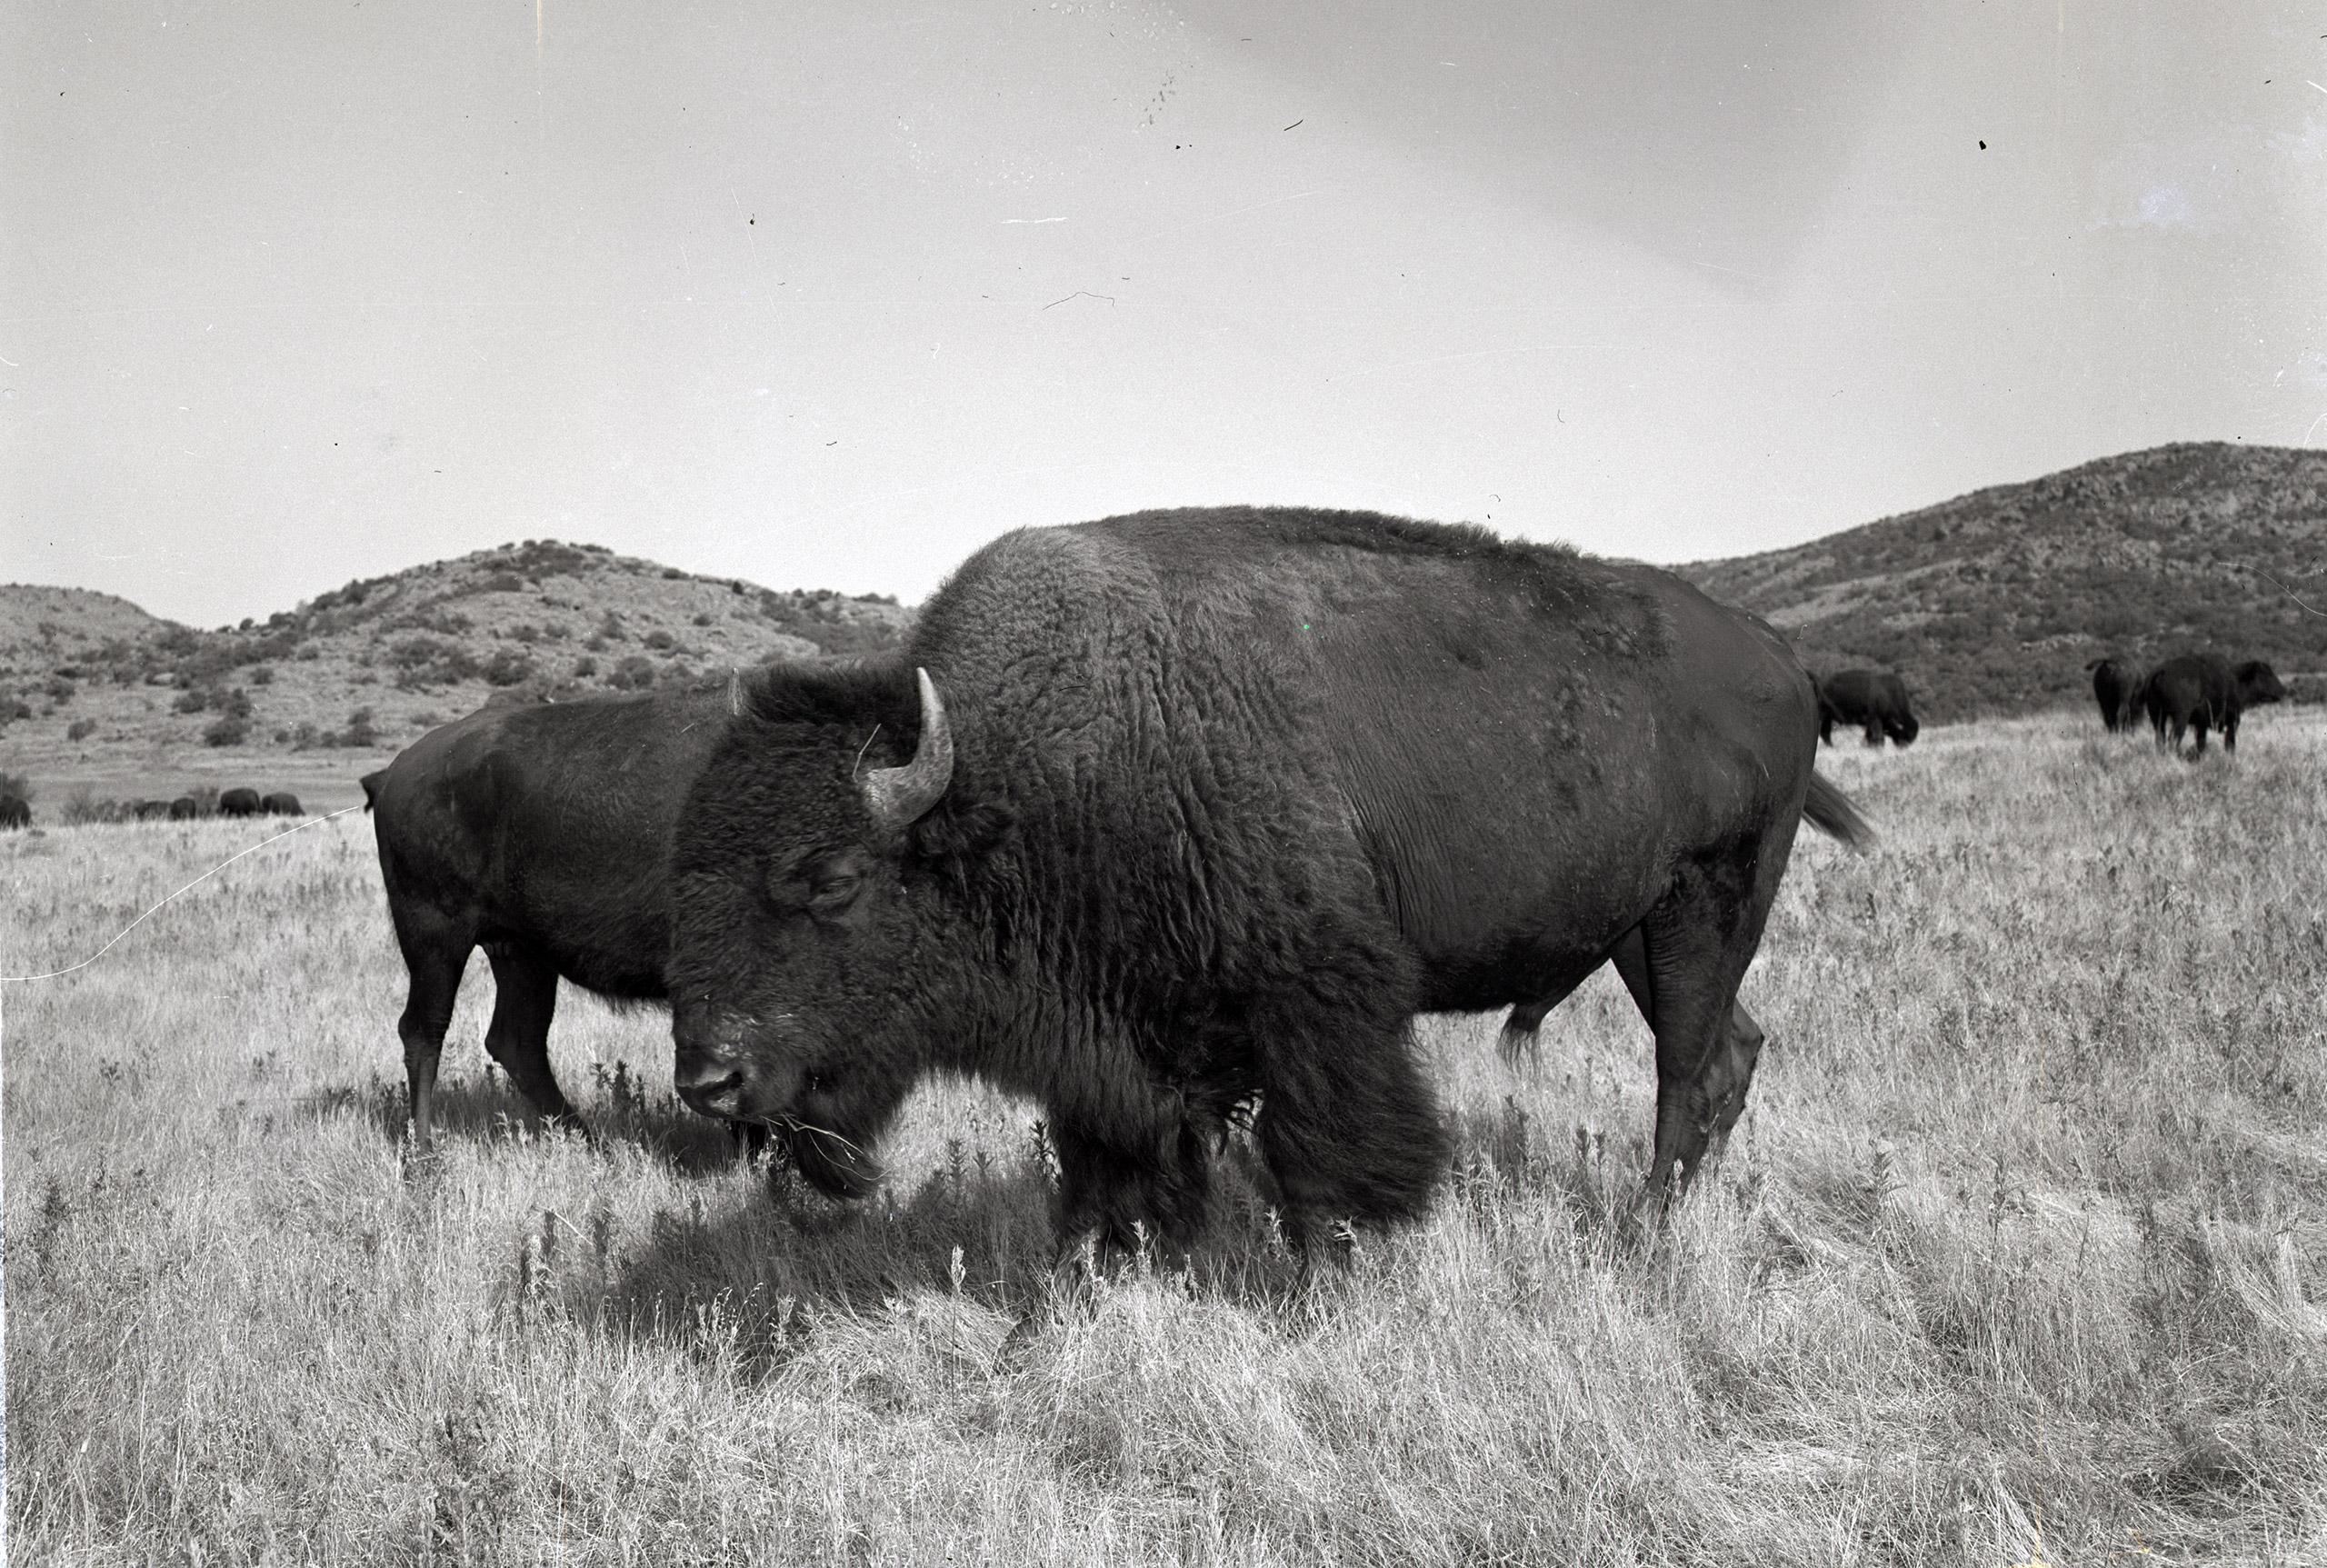 Bison in the Witchita Mountains wildlife refuge. 1952.